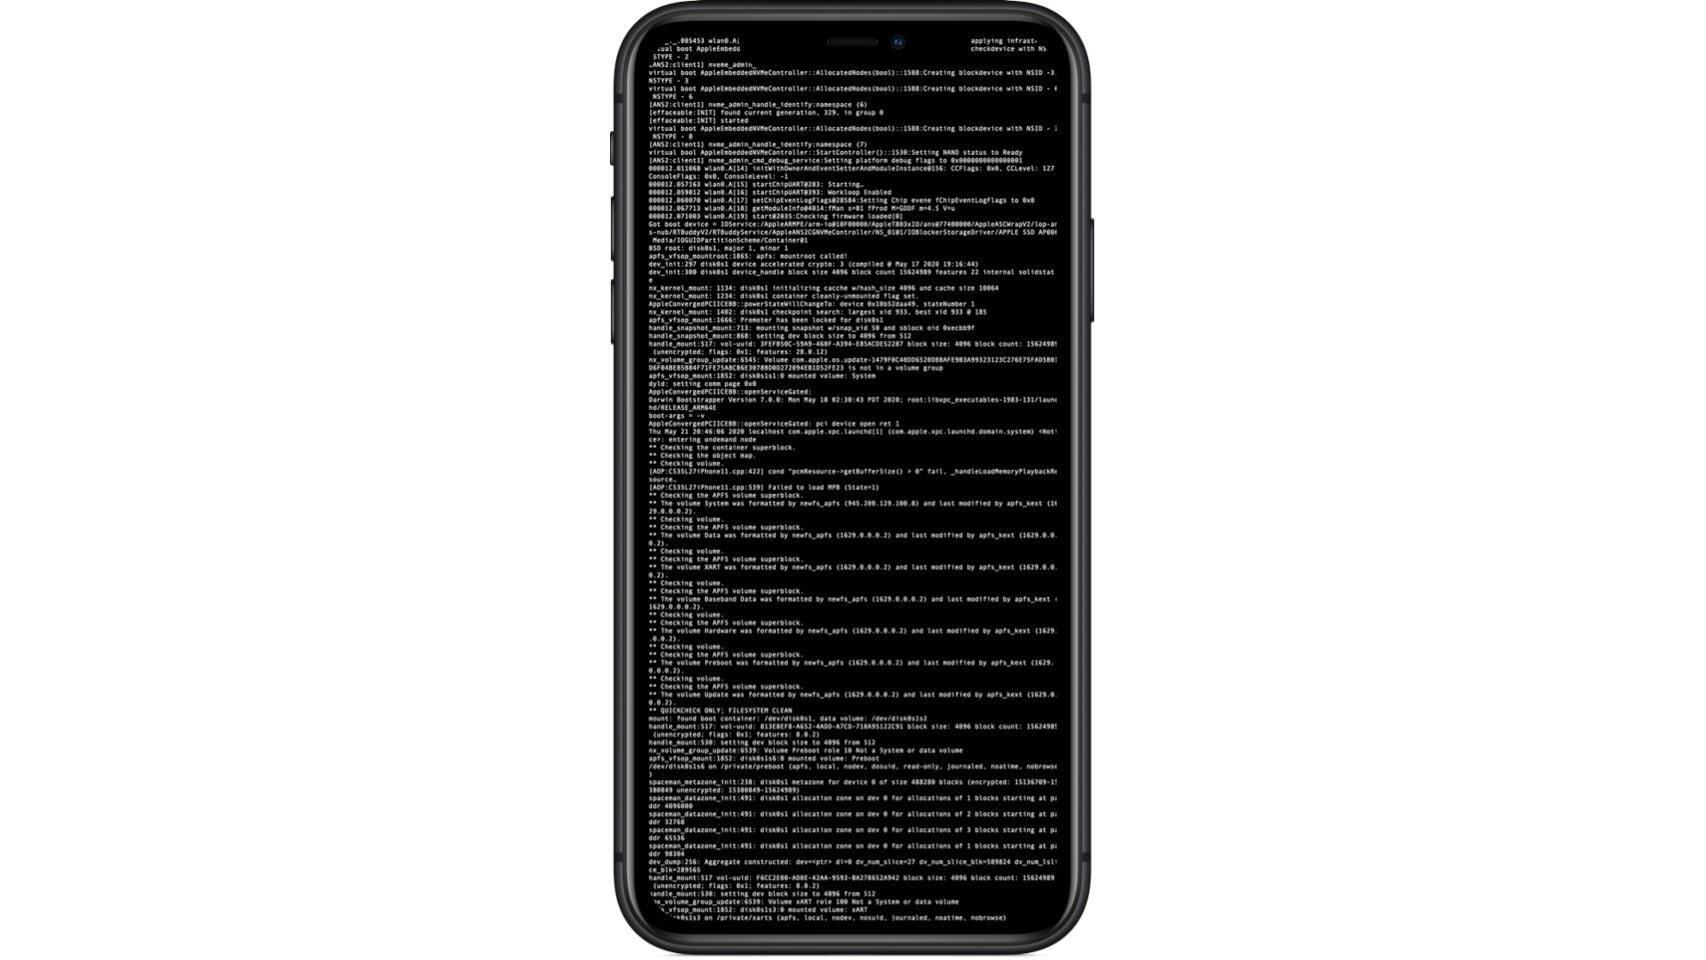 El nuevo iPhone modificado de Apple